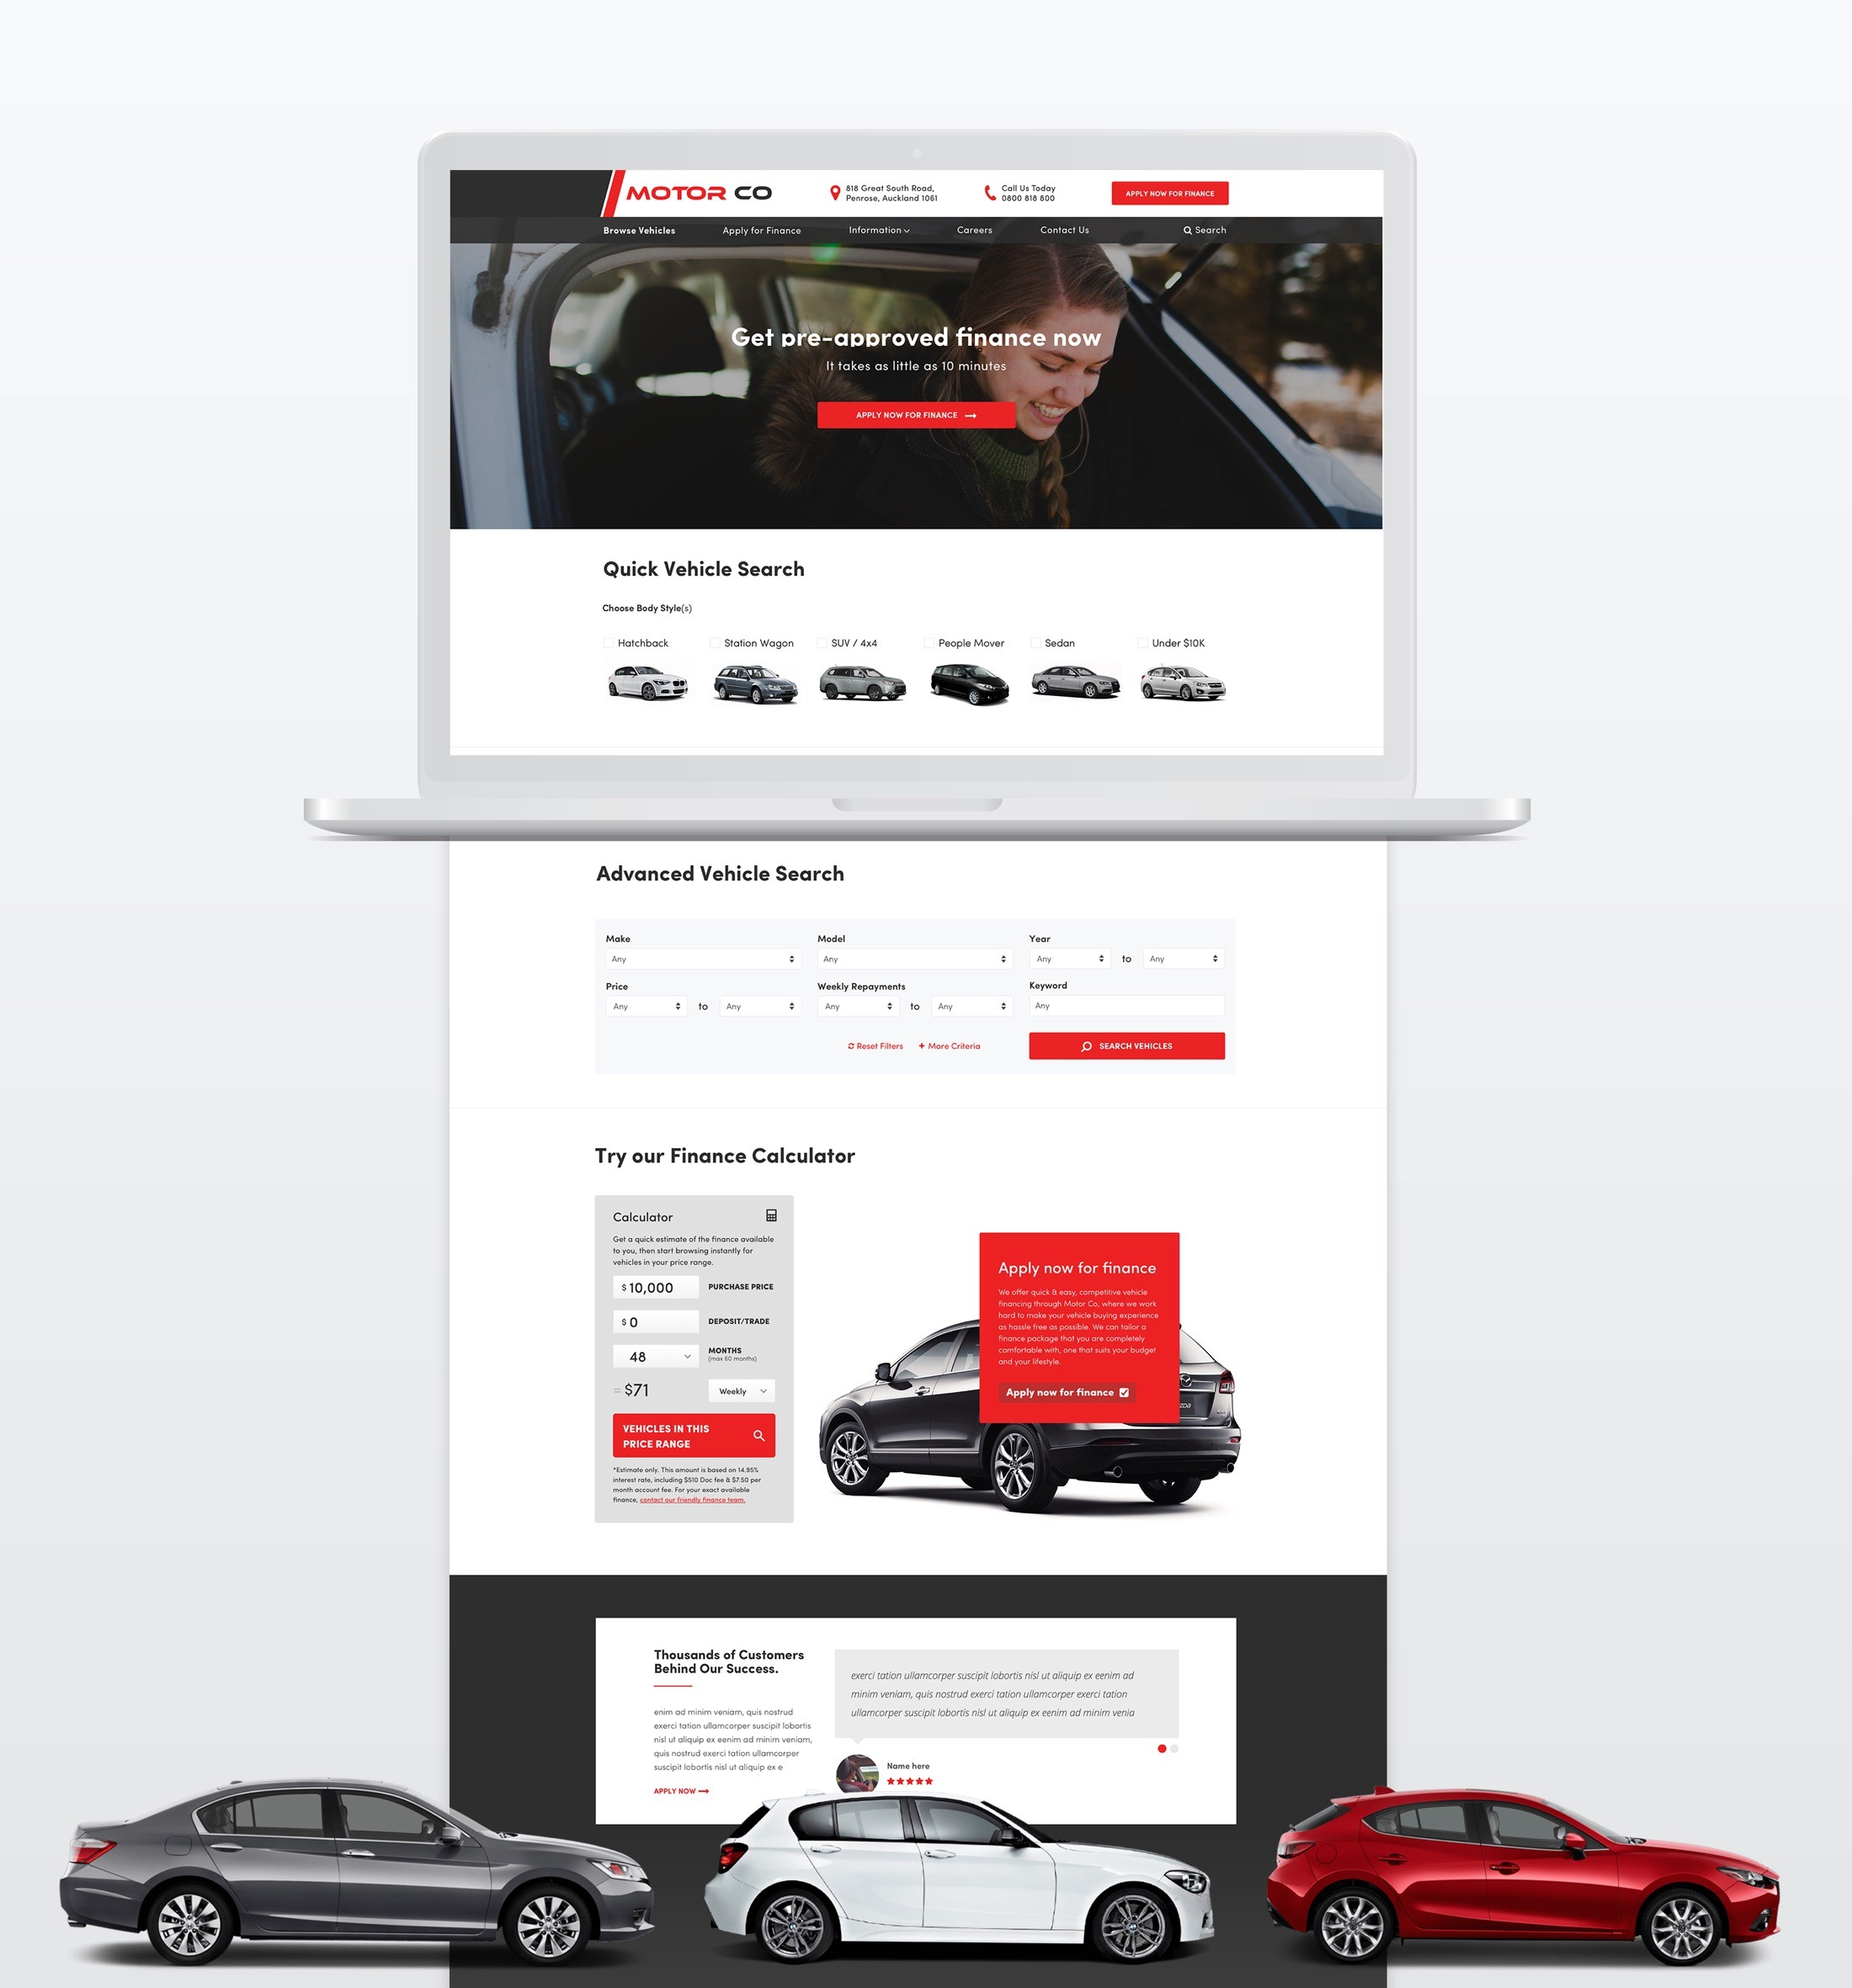 Website Design - MotorCo